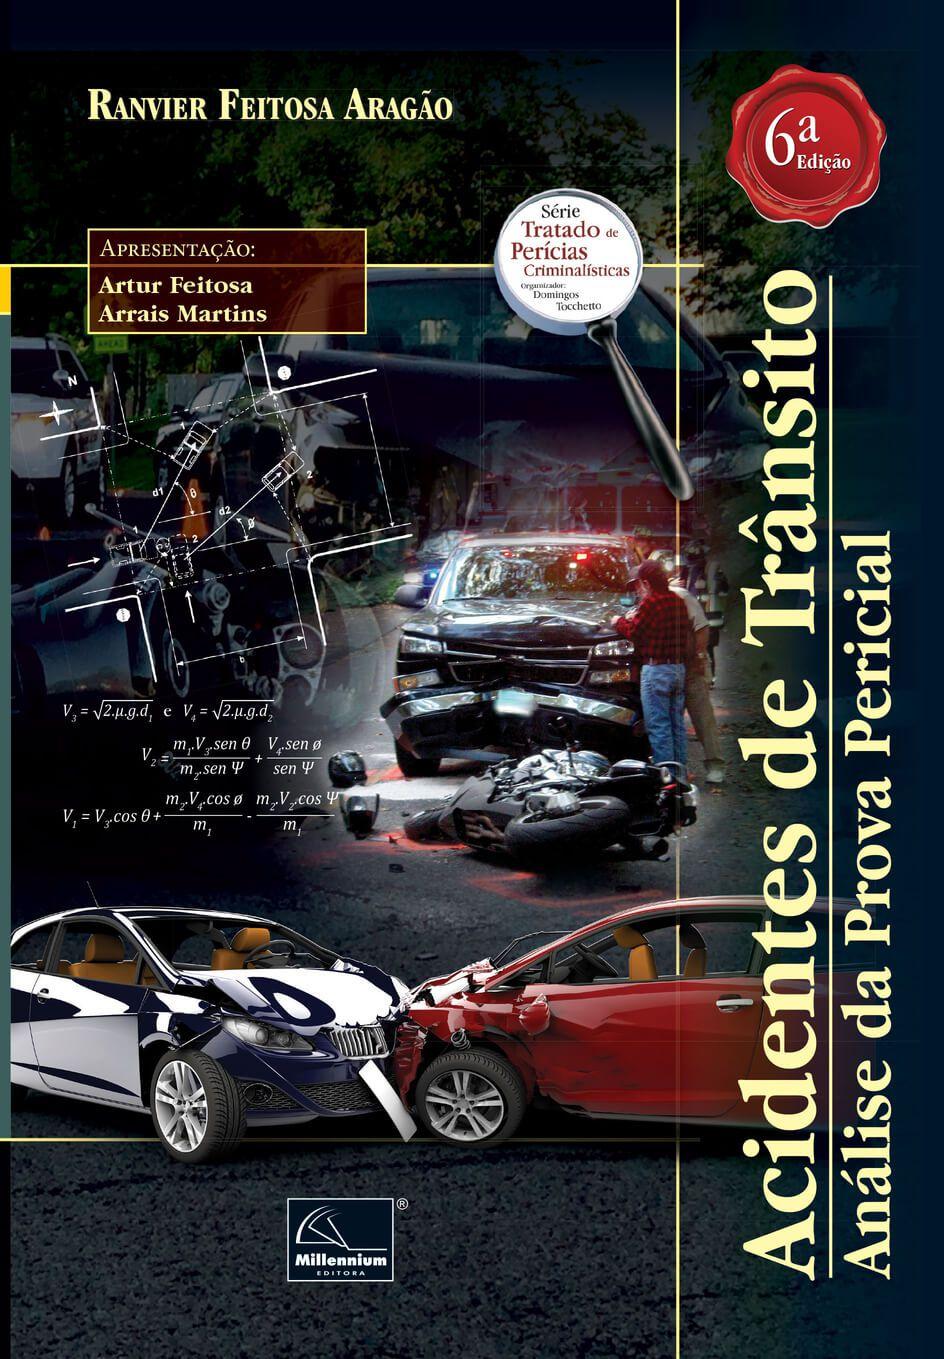 Acidentes de Trânsito – Análise da Prova Pericial 6ª Edição <b>Autor: Ranvier Feitosa Aragão</b>  - Millennium Editora - Livros de Perícia